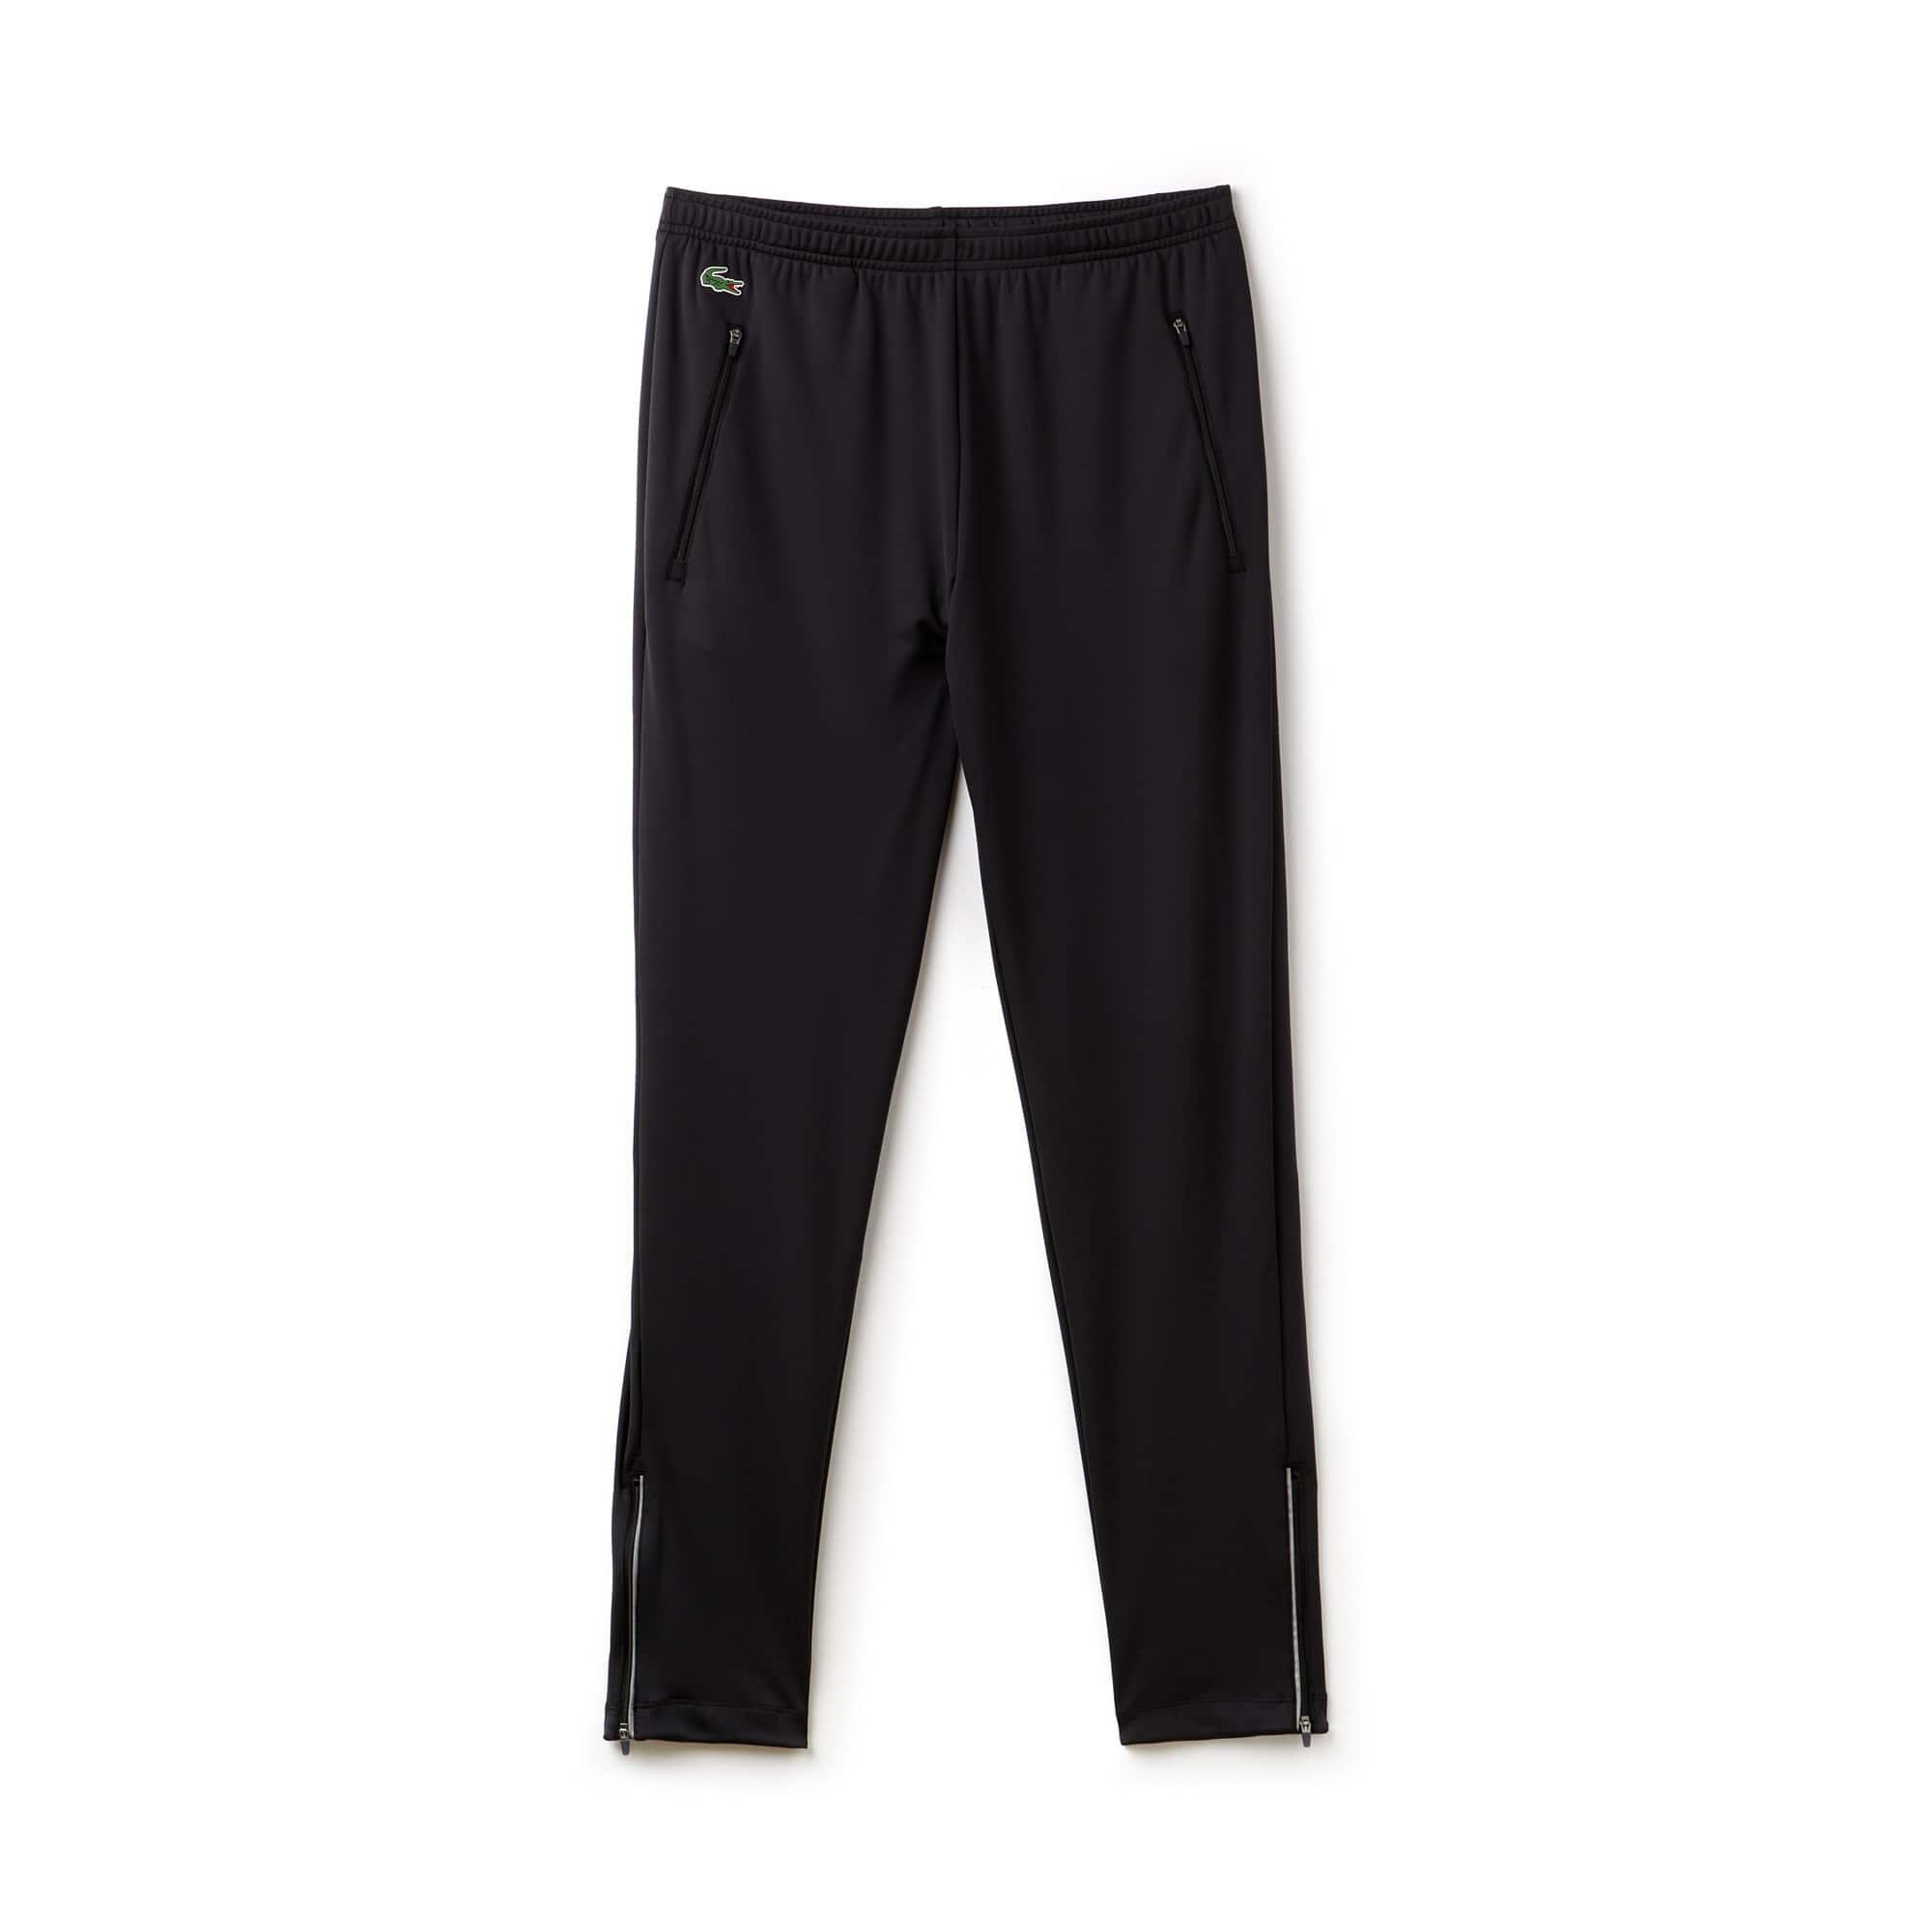 Pantalon de survêtement Lacoste SPORT COLLECTION NOVAK DJOKOVIC SUPPORT WITH STYLE en jersey stretch technique